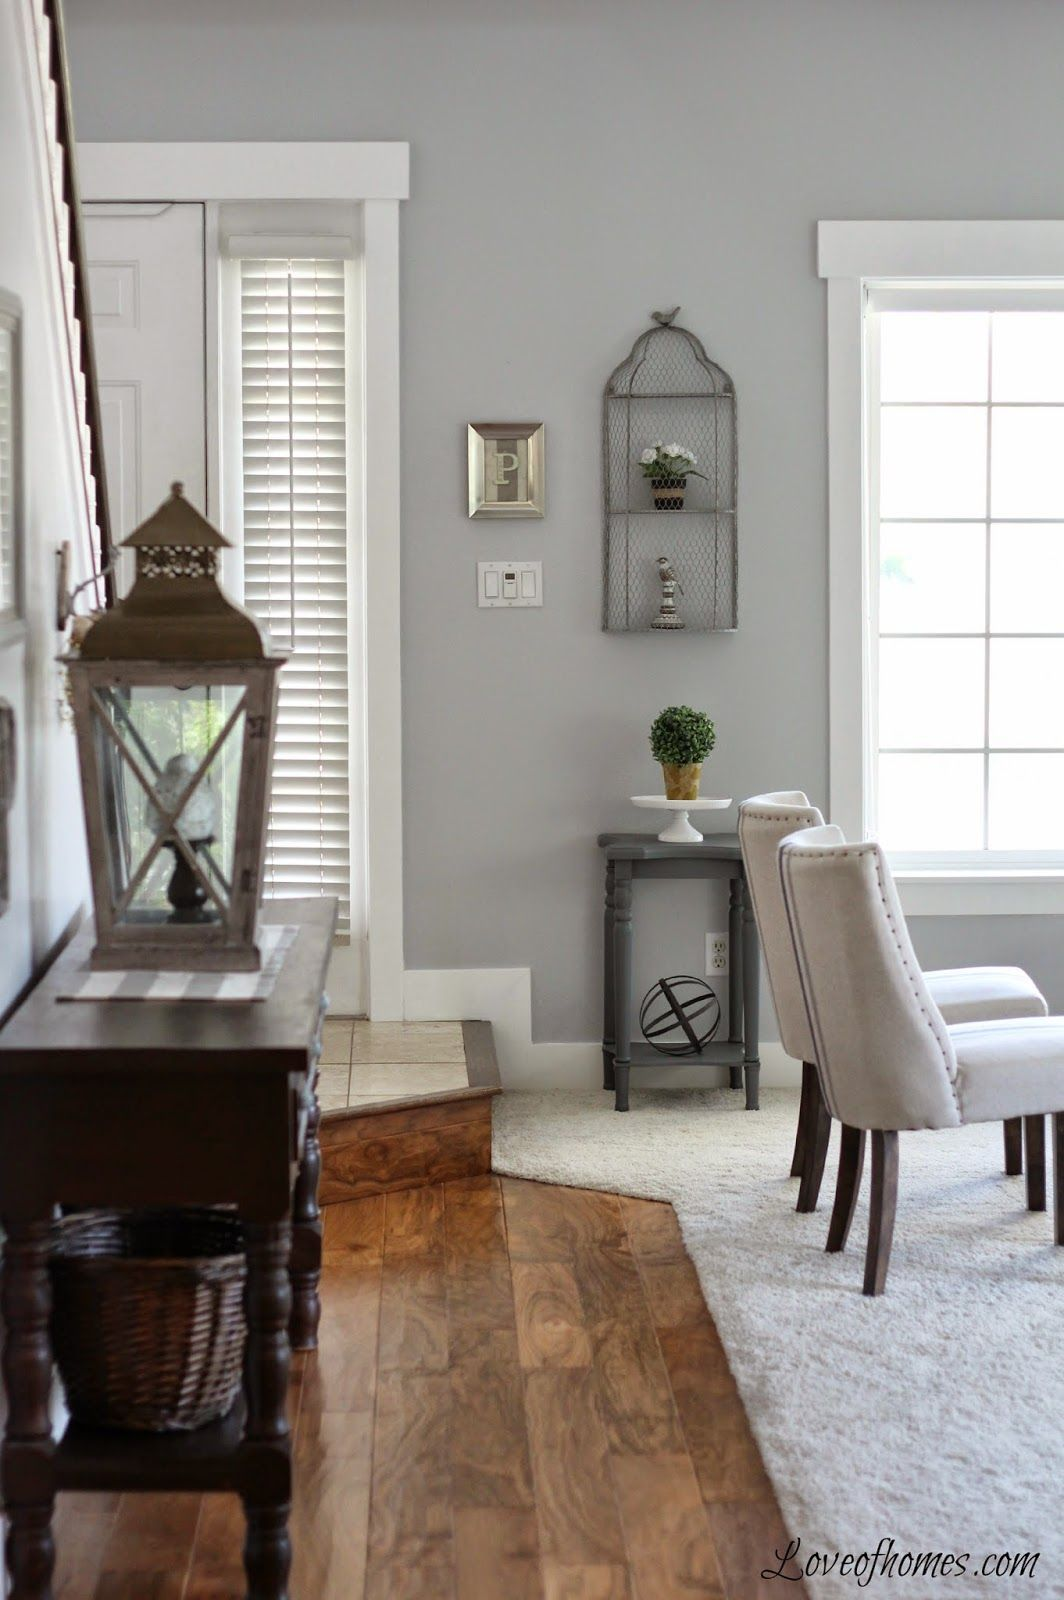 Living Room Paint Color Benjamin Moore Pelican Grey Grey Pinterest